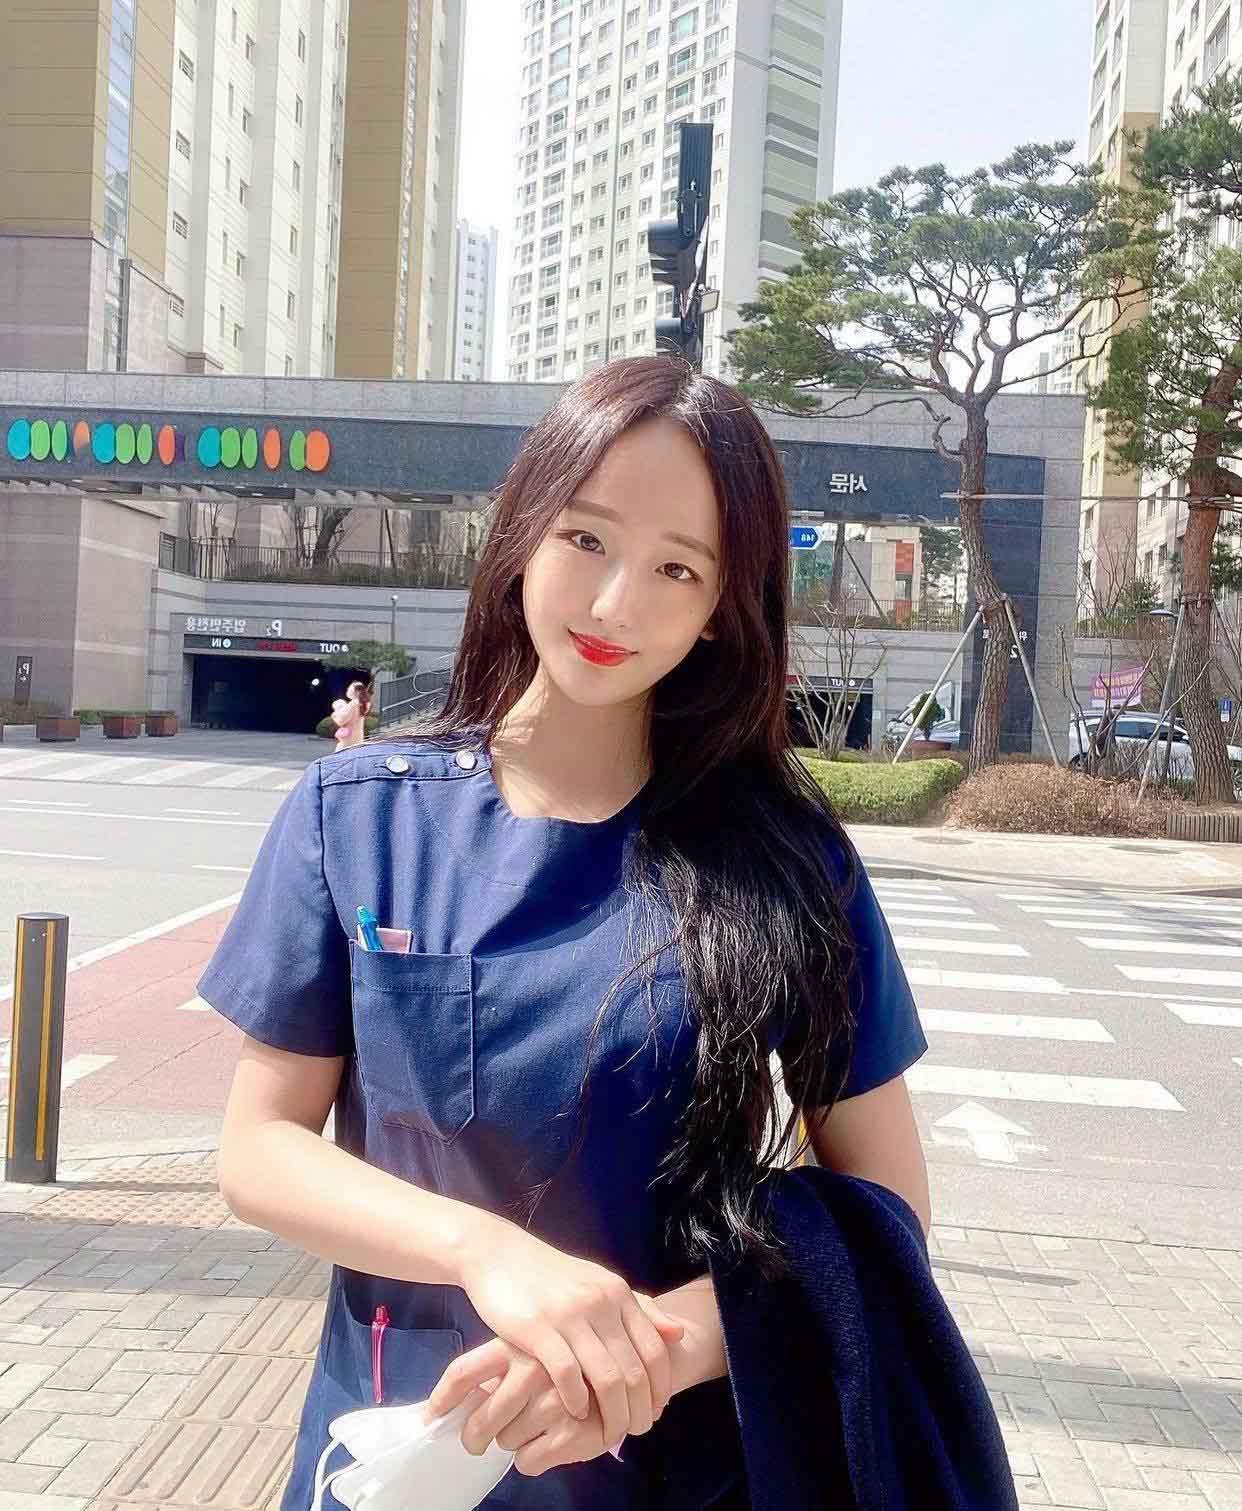 """Nữ bác sĩ Hàn Quốc khiến dân tình """"chao đảo"""" vì quá đẹp - 1"""